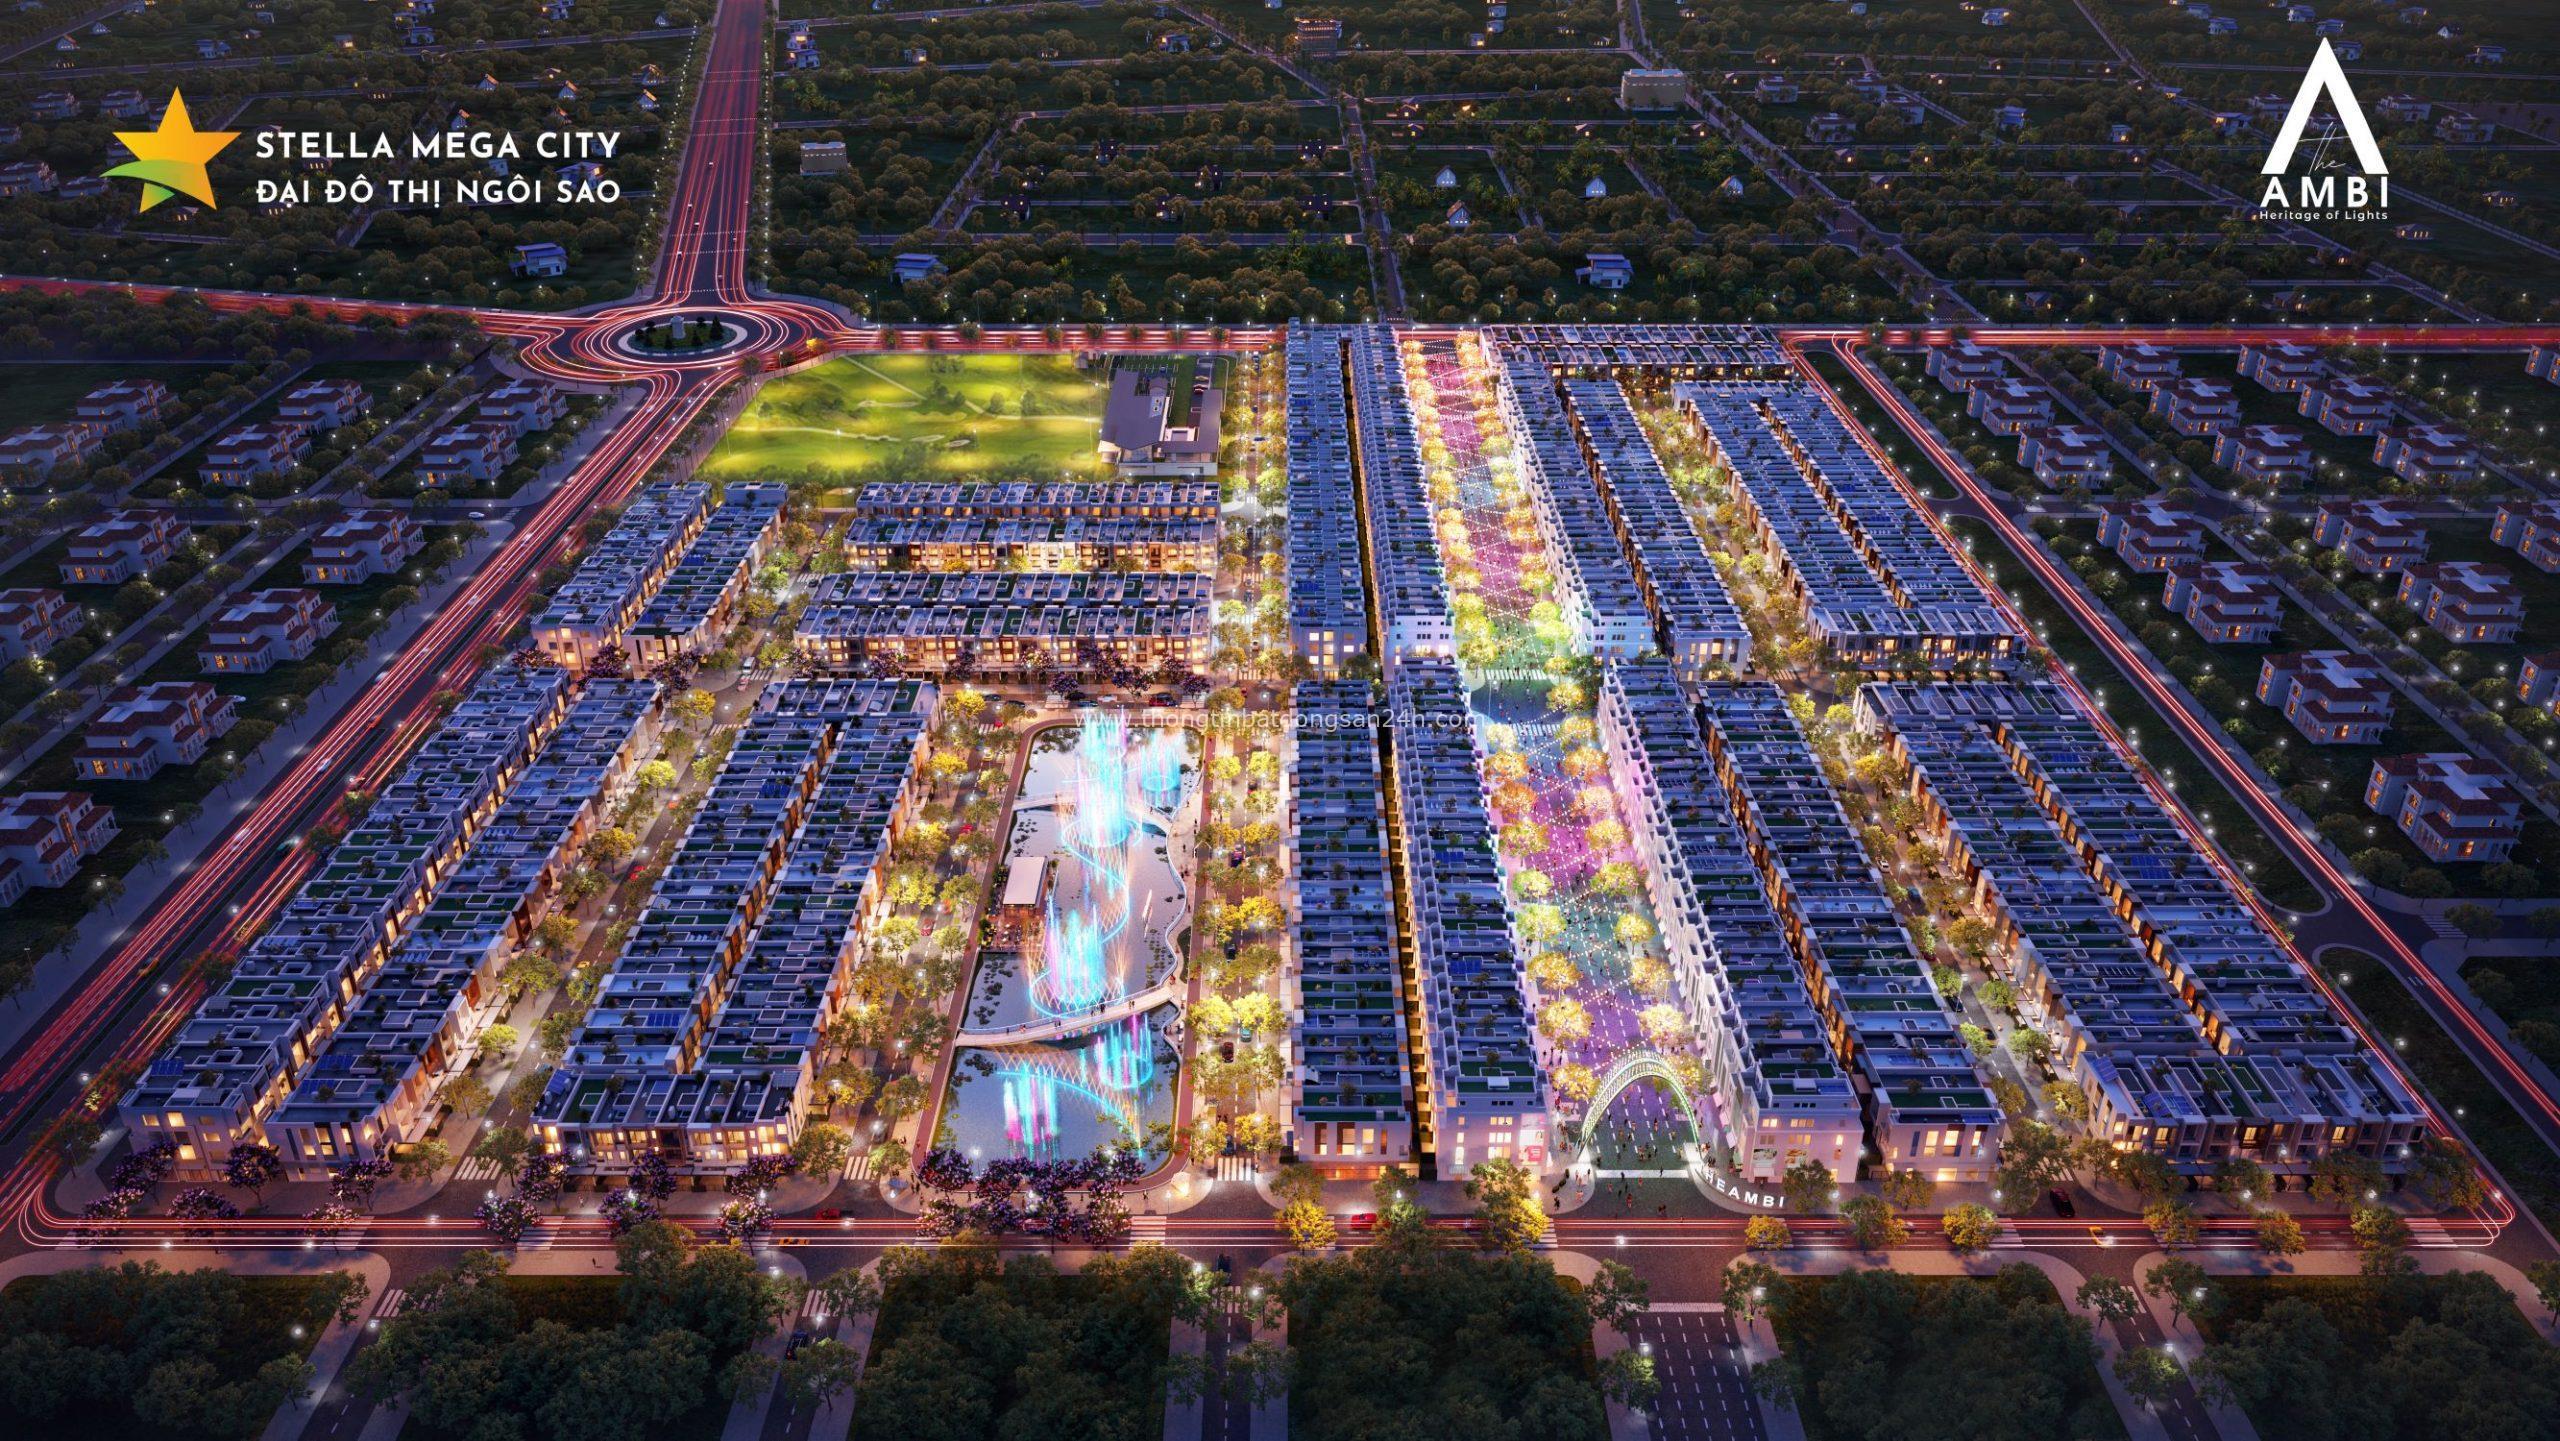 Stella Mega City 2020: Thời cơ vàng để đầu tư 3